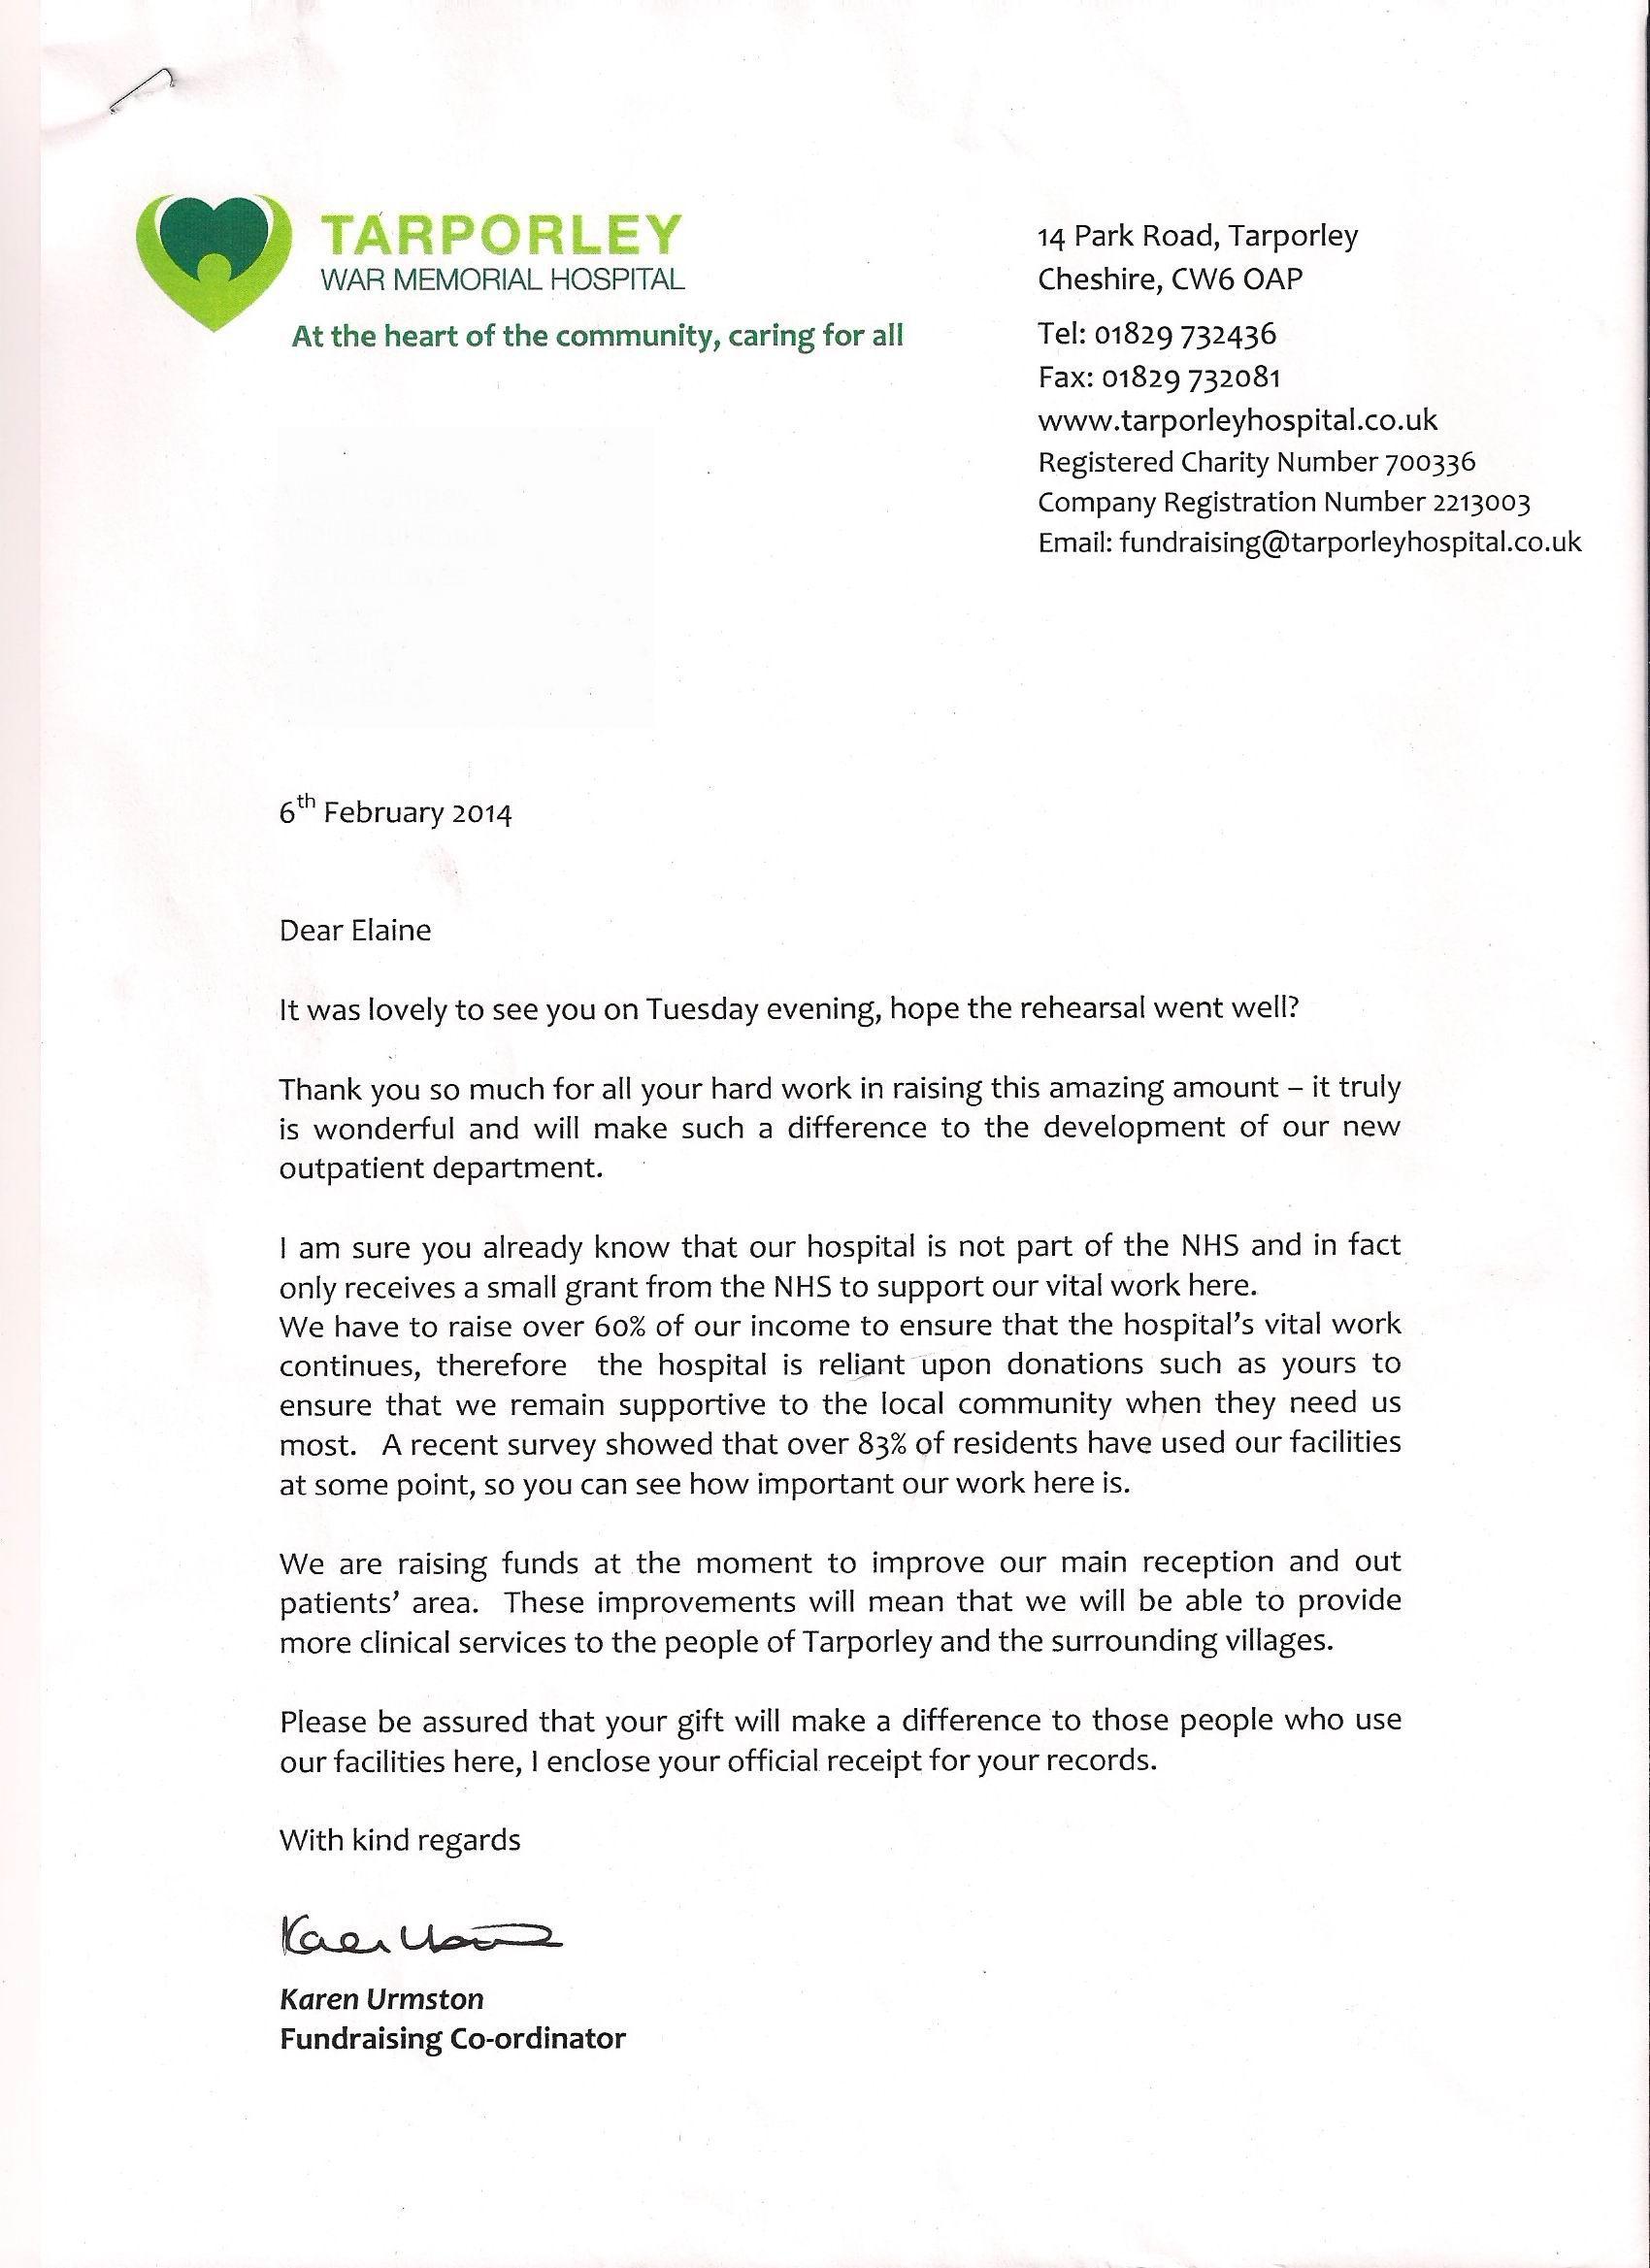 Tarporley letter